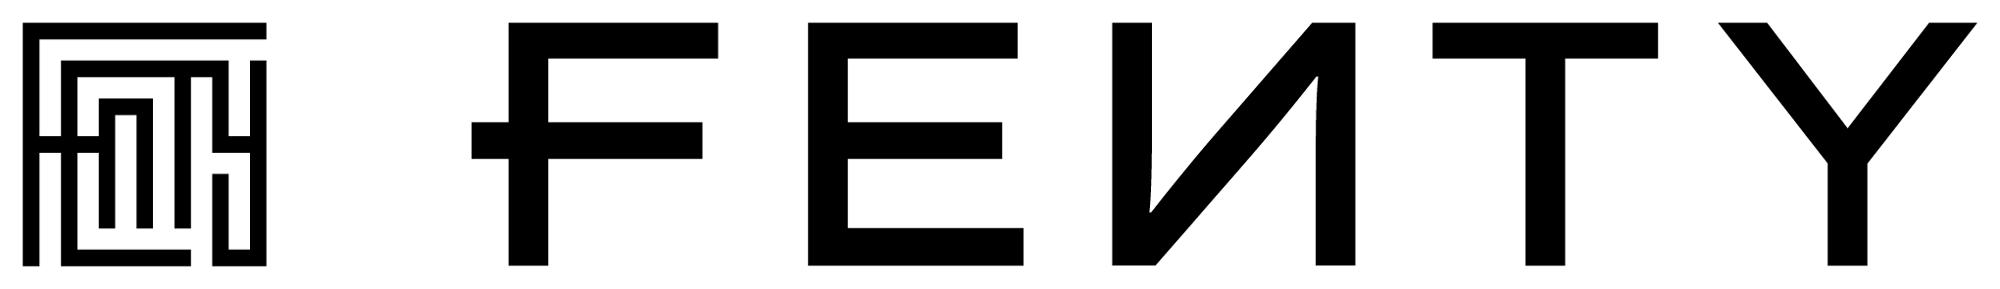 fenty_logo